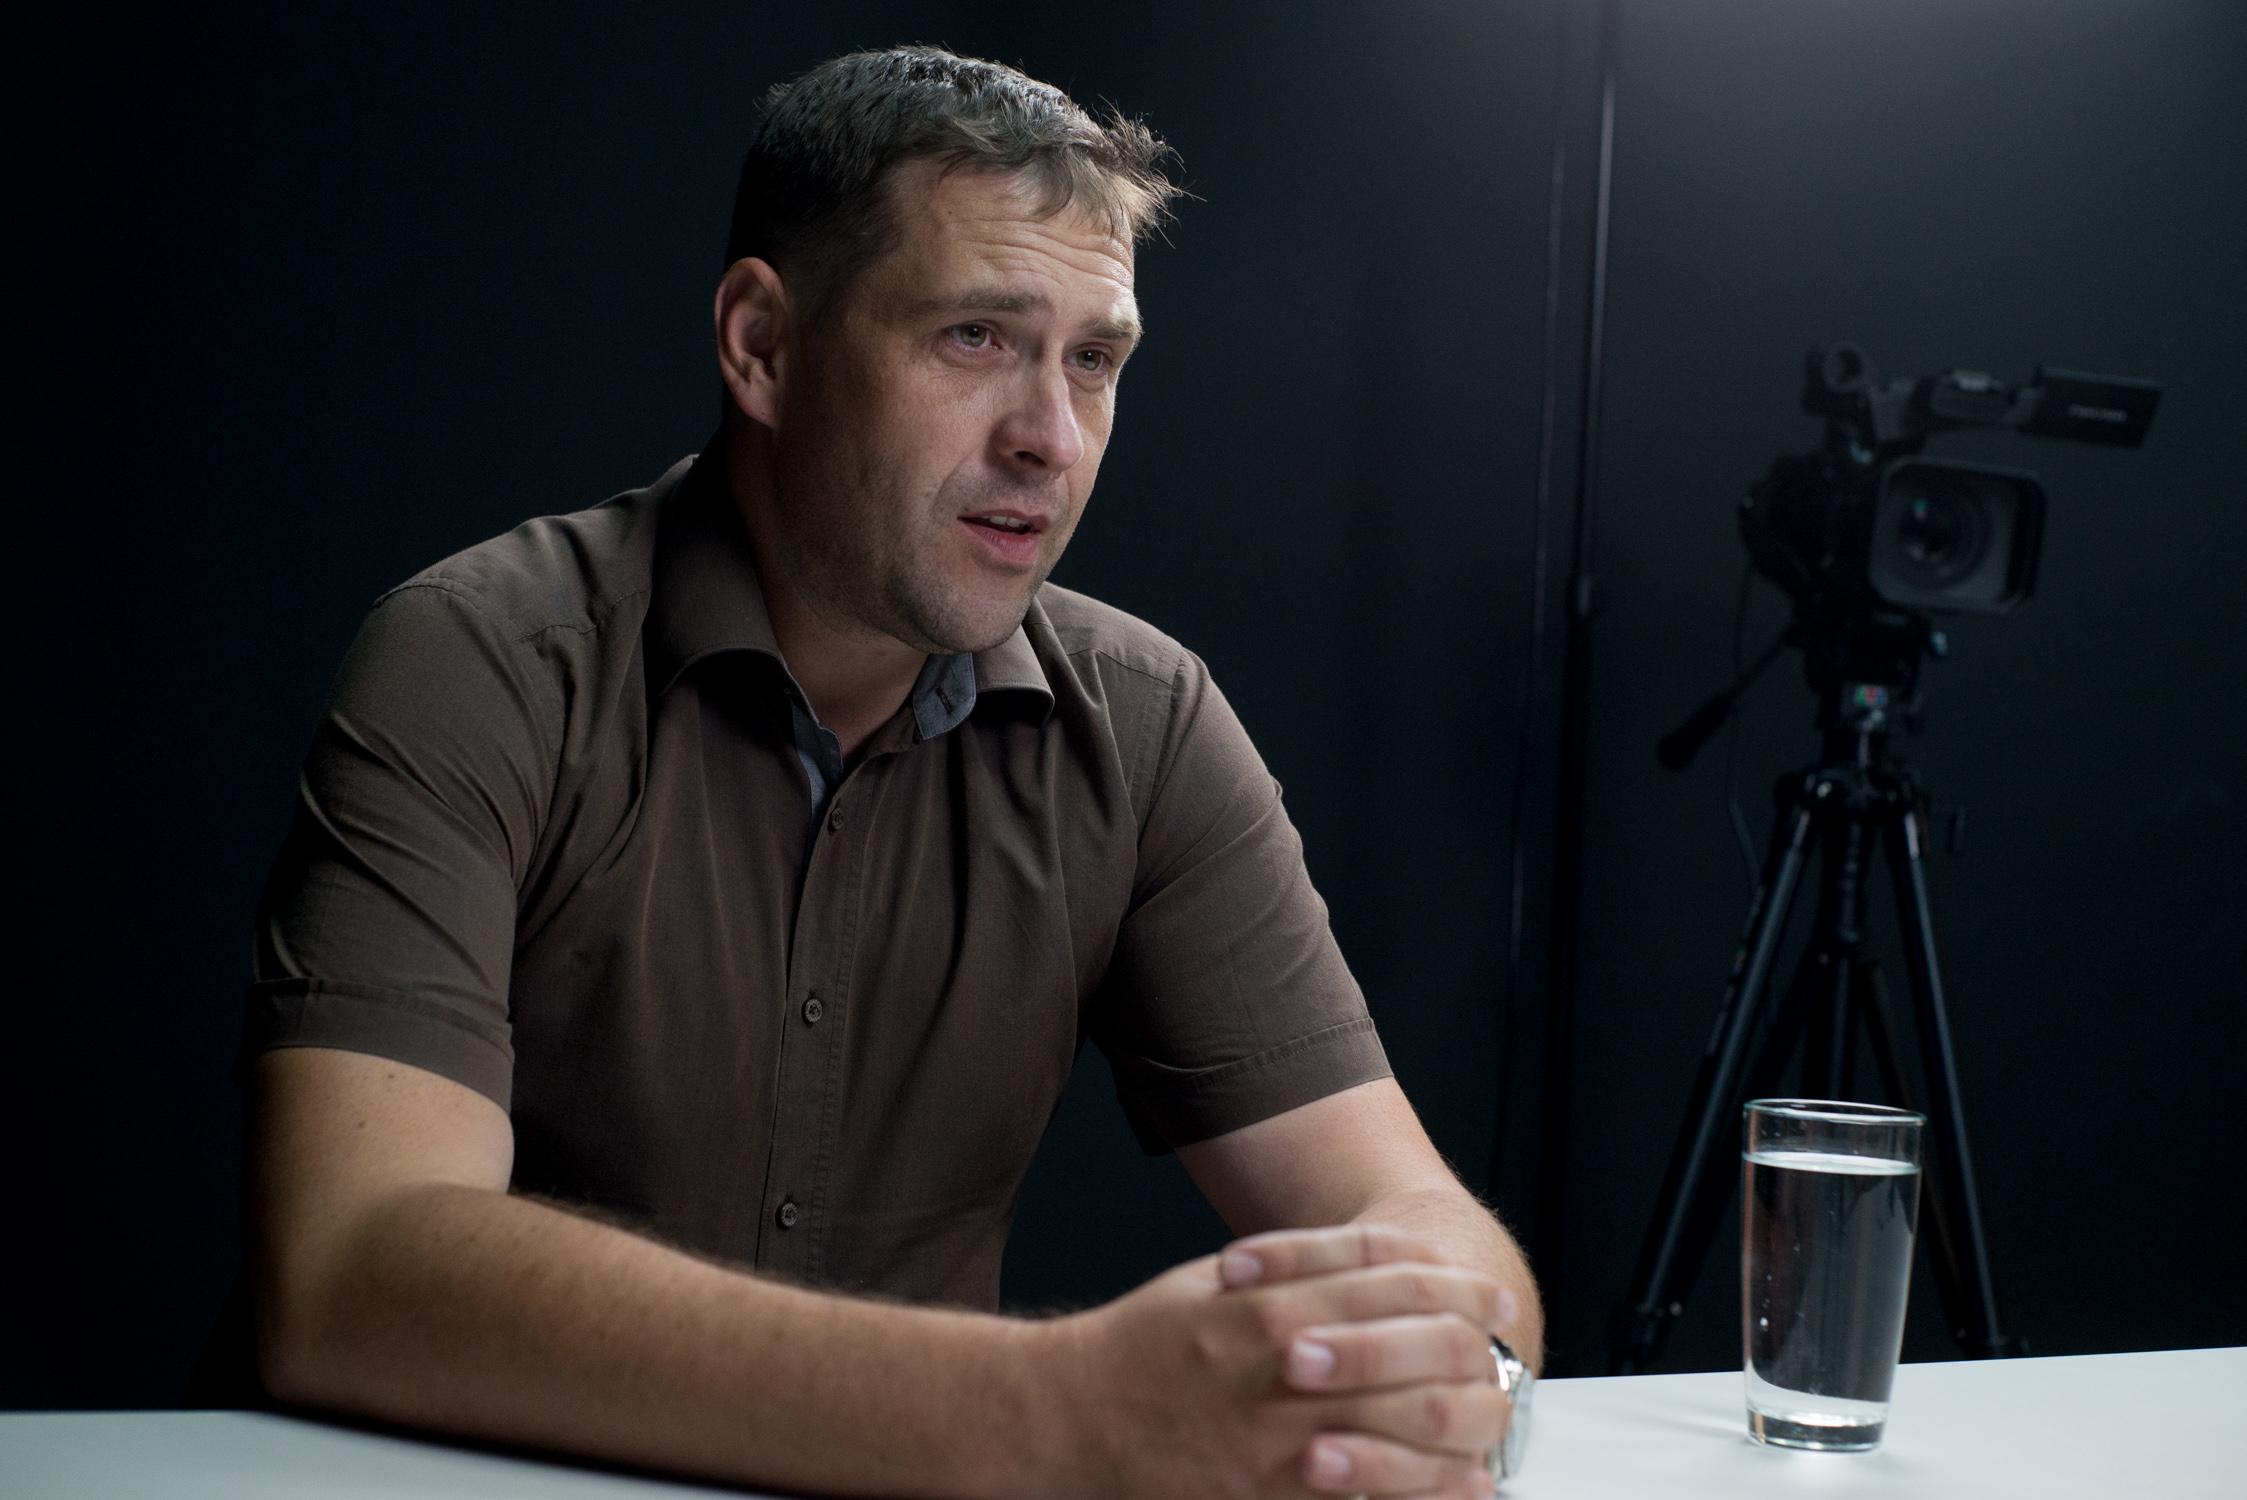 Экс-представитель президента Украины в АР Крым об отпоре оккупантам и способах вернуть полуостров